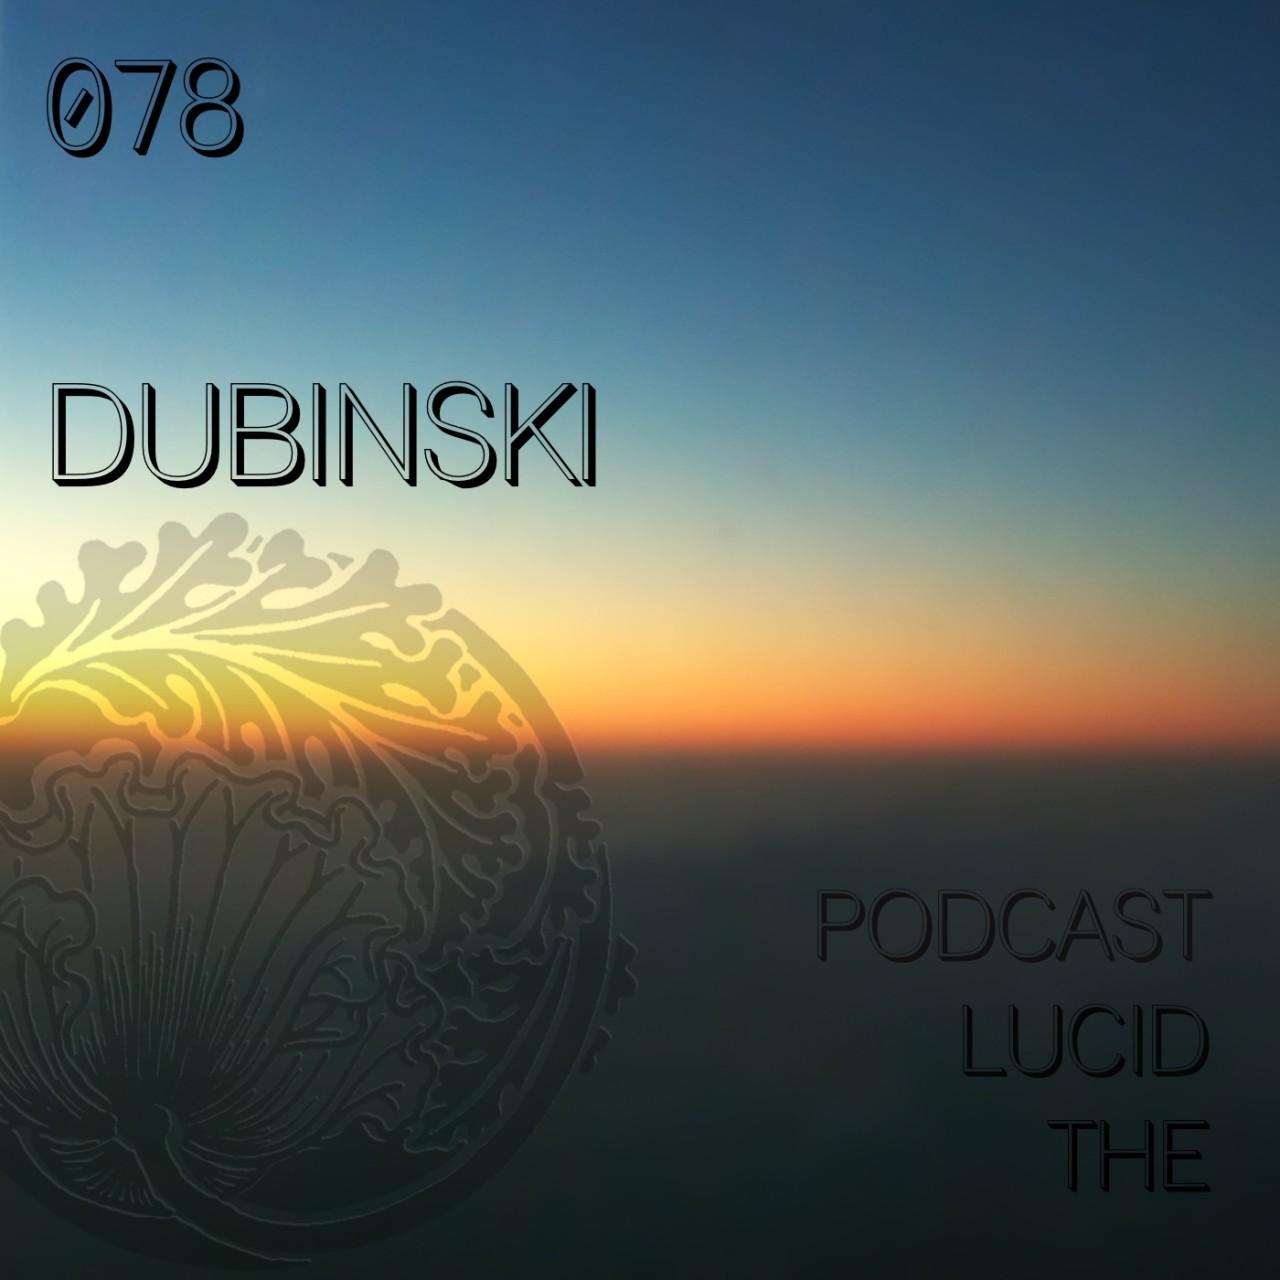 The Lucid Podcast 078 Dubinski